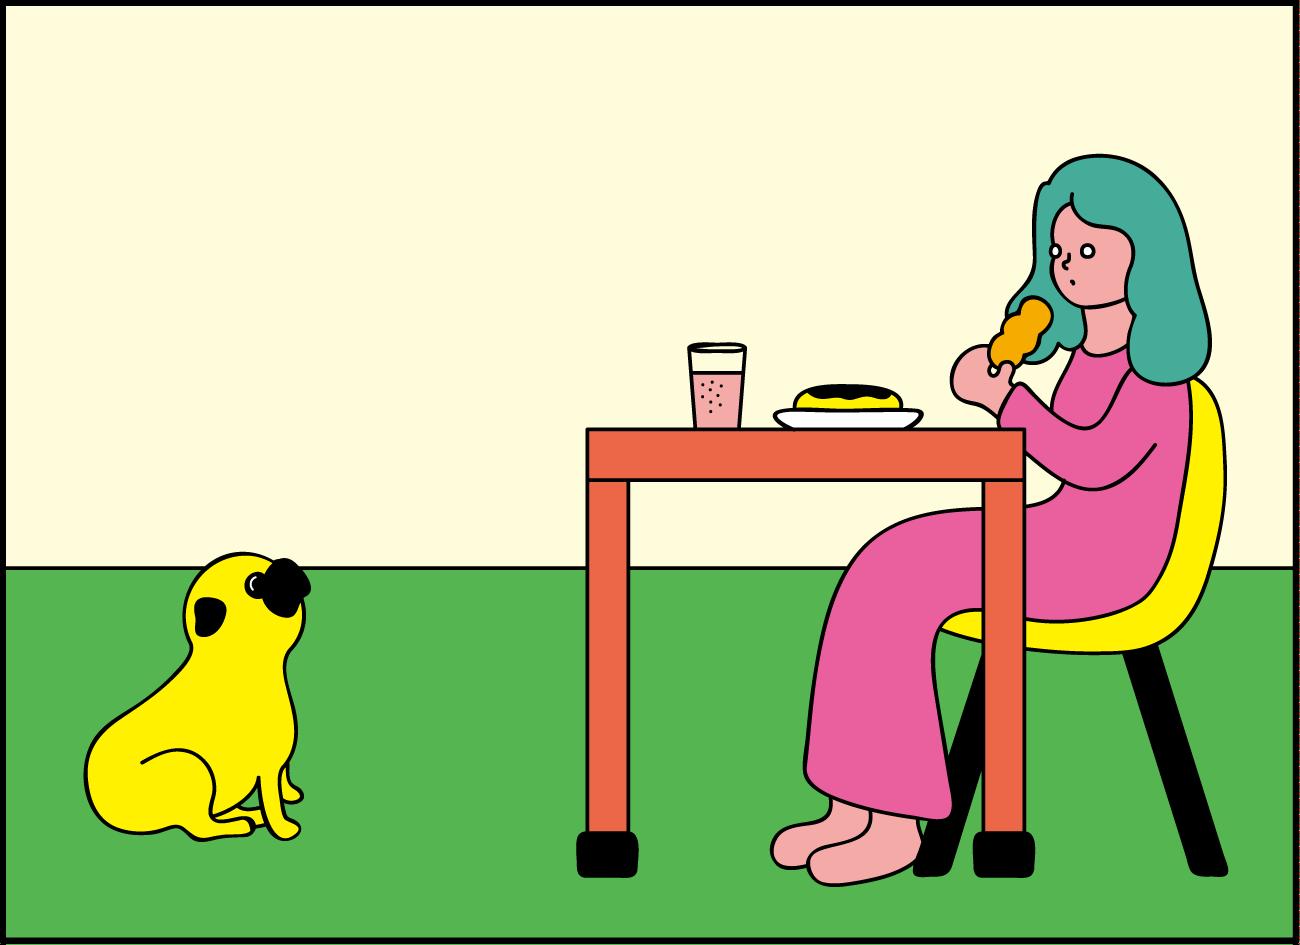 【パグとわたし】ポンデパグ